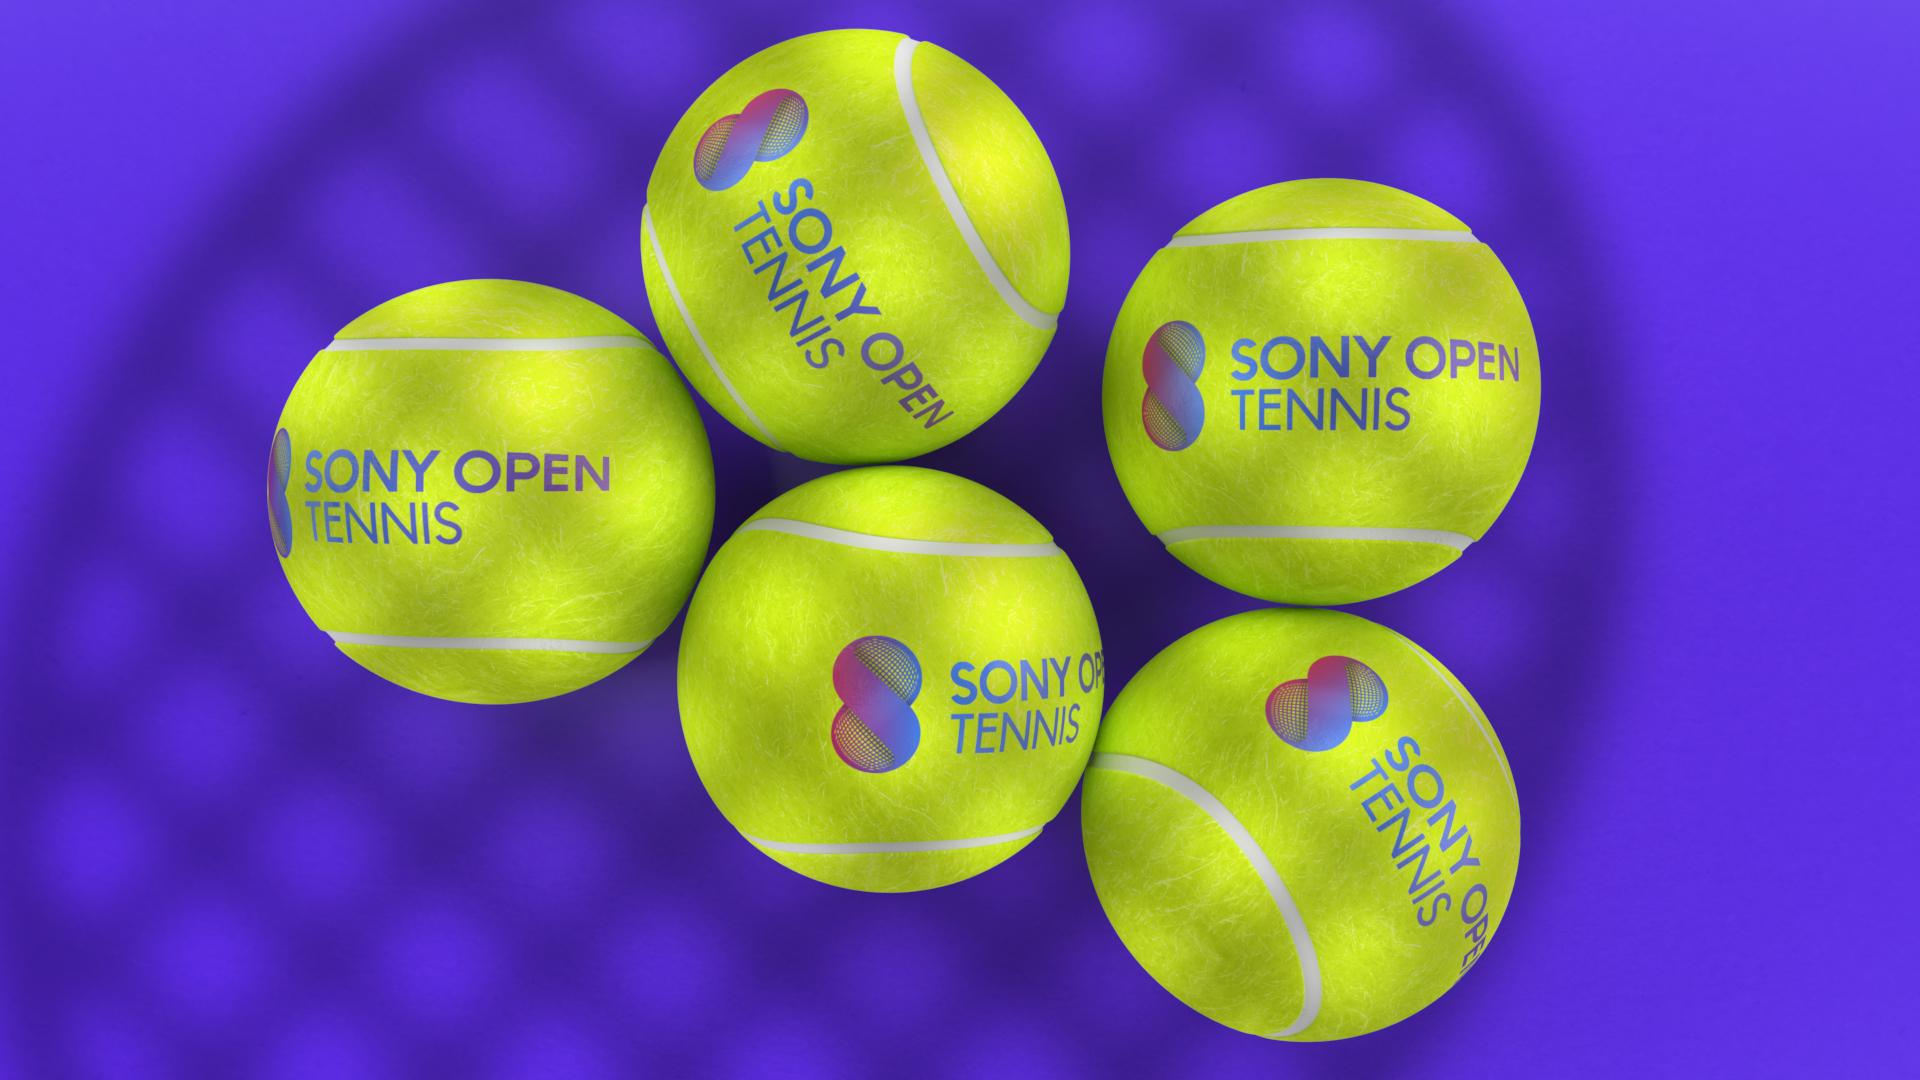 MiamiOpen_TennisBall